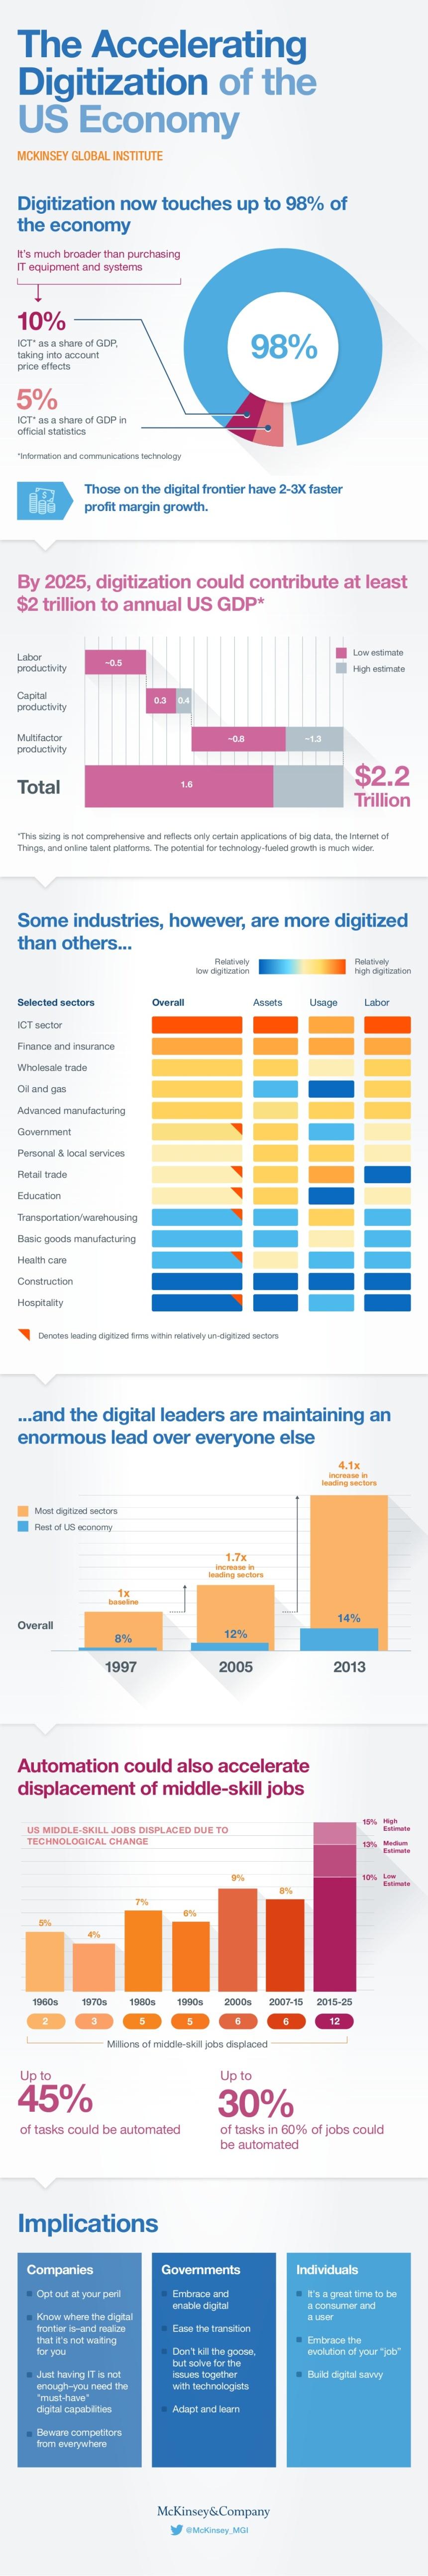 La acelerada digitalización de la economía (USA)